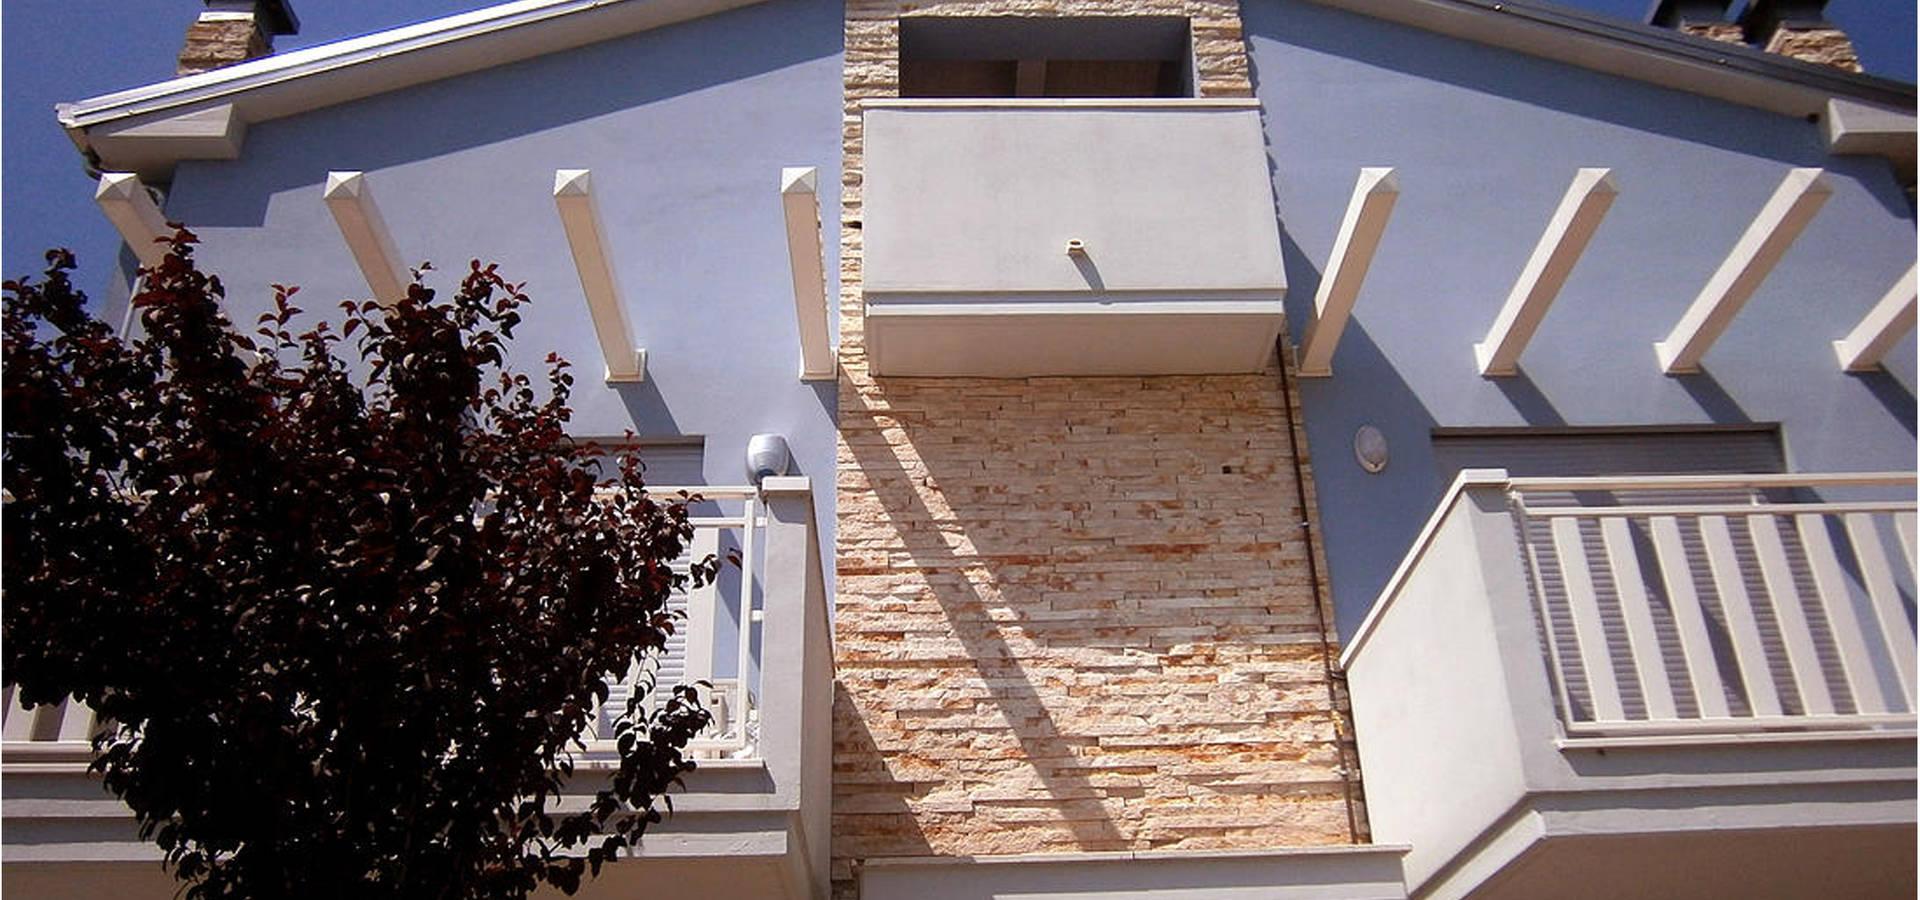 Studio Tecnico Architettura Bazzocchi